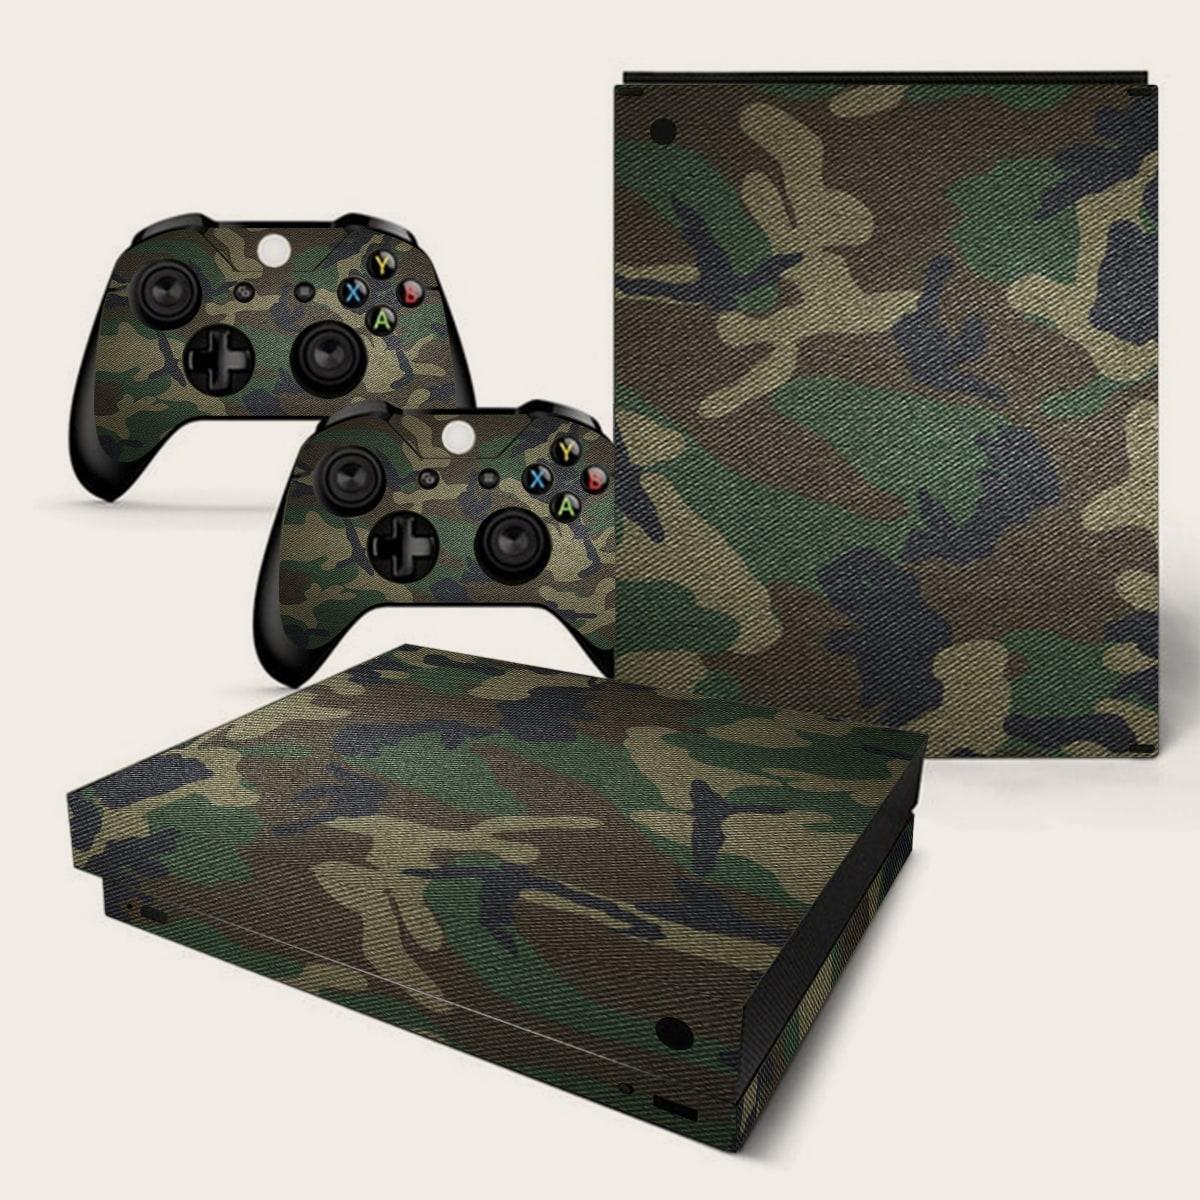 Наклейка с камуфляжным рисунком для игровой консоли для Xbox One X